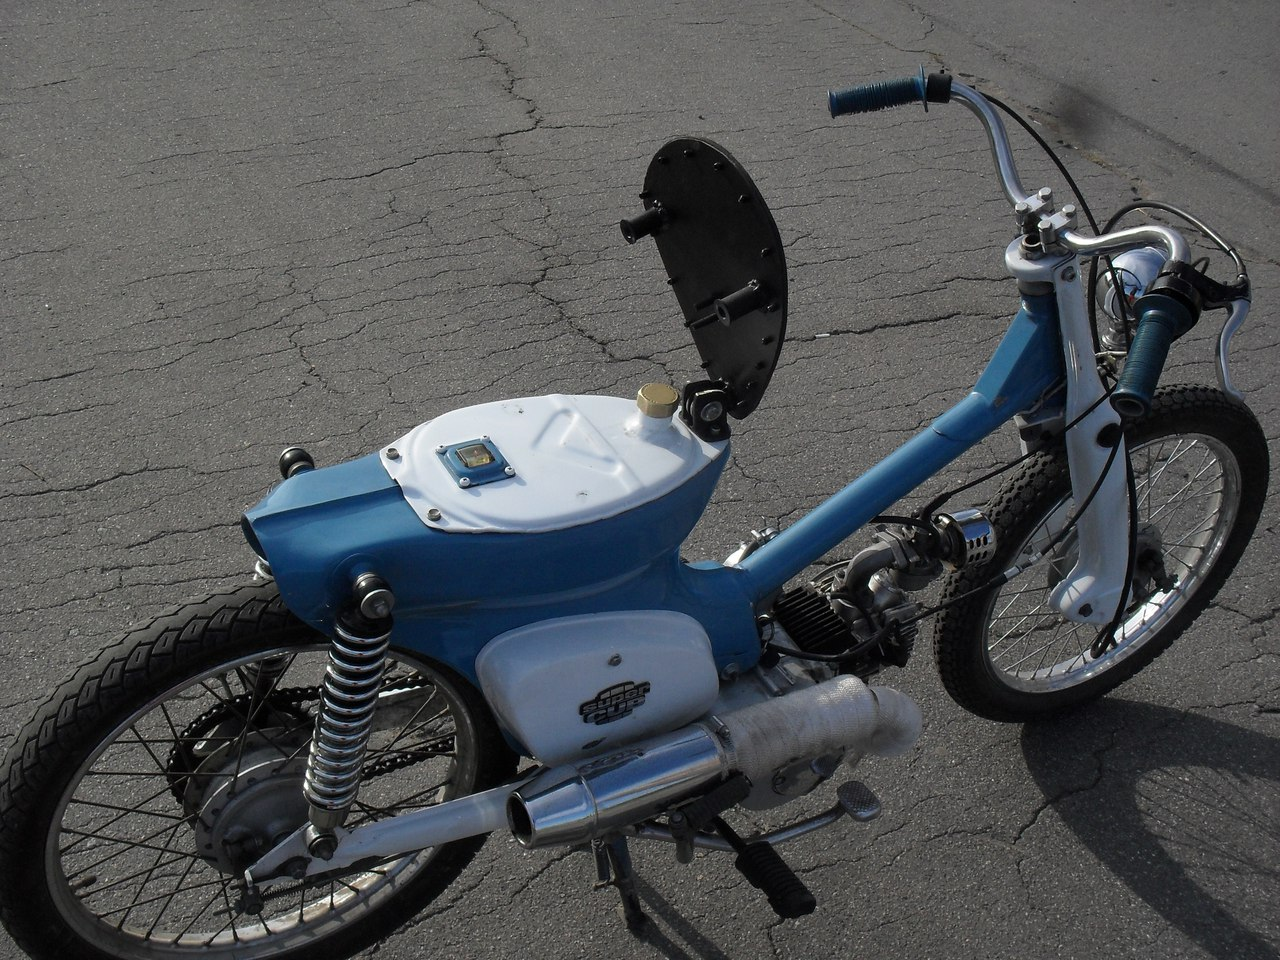 Honda Super cub Custom